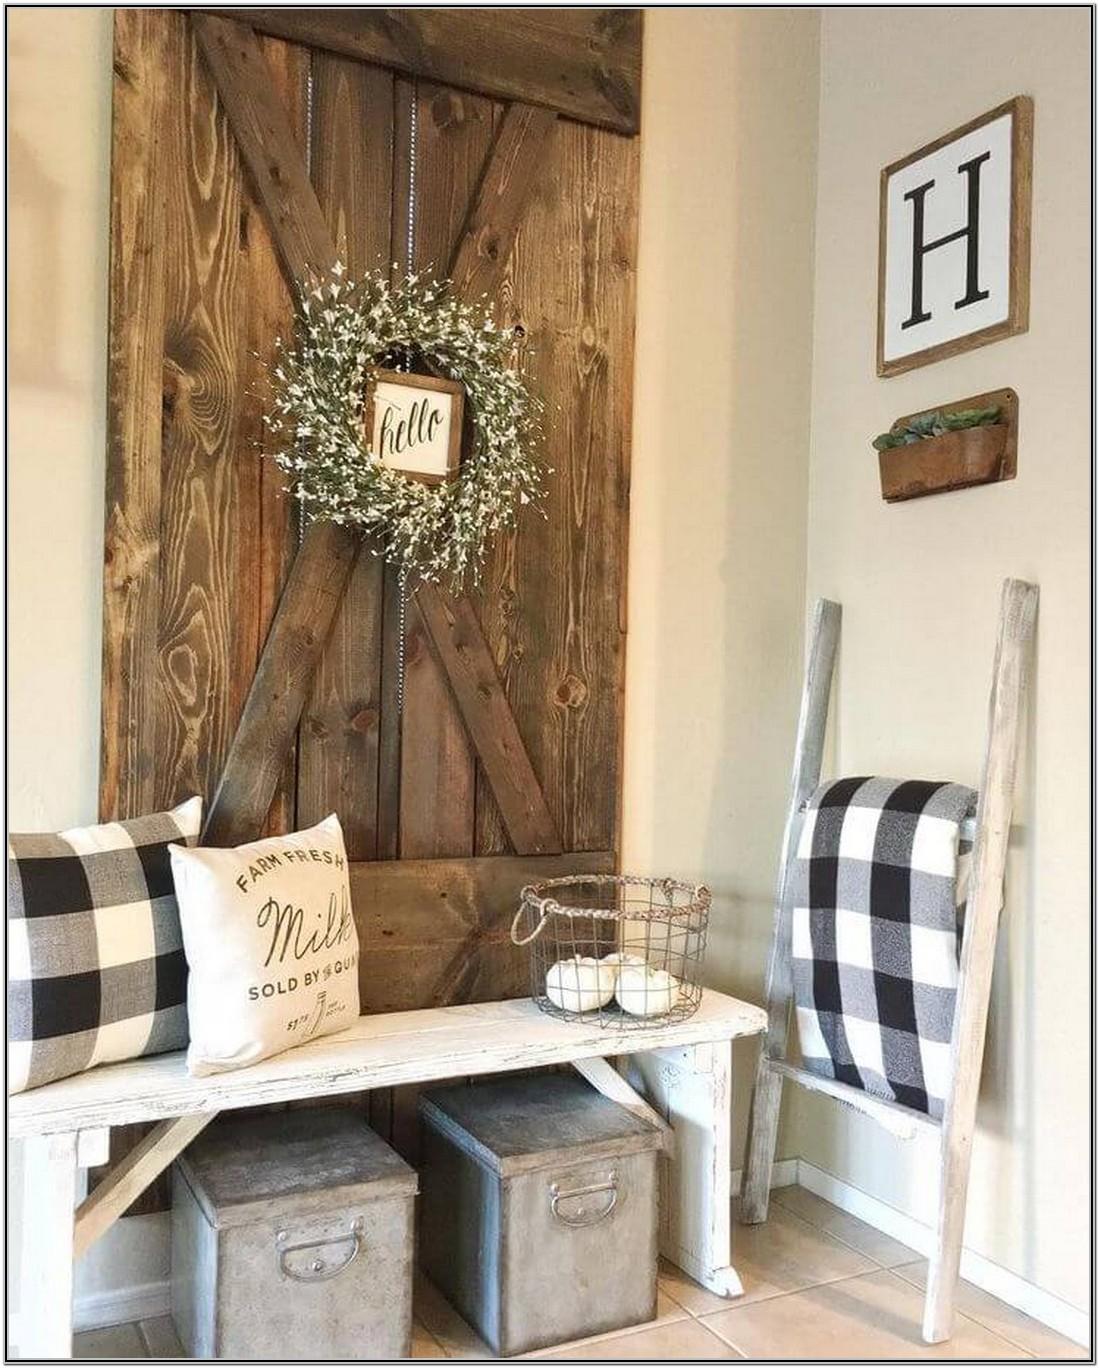 Farmhouse Style Farmhouse Living Room Wall Decor Ideas